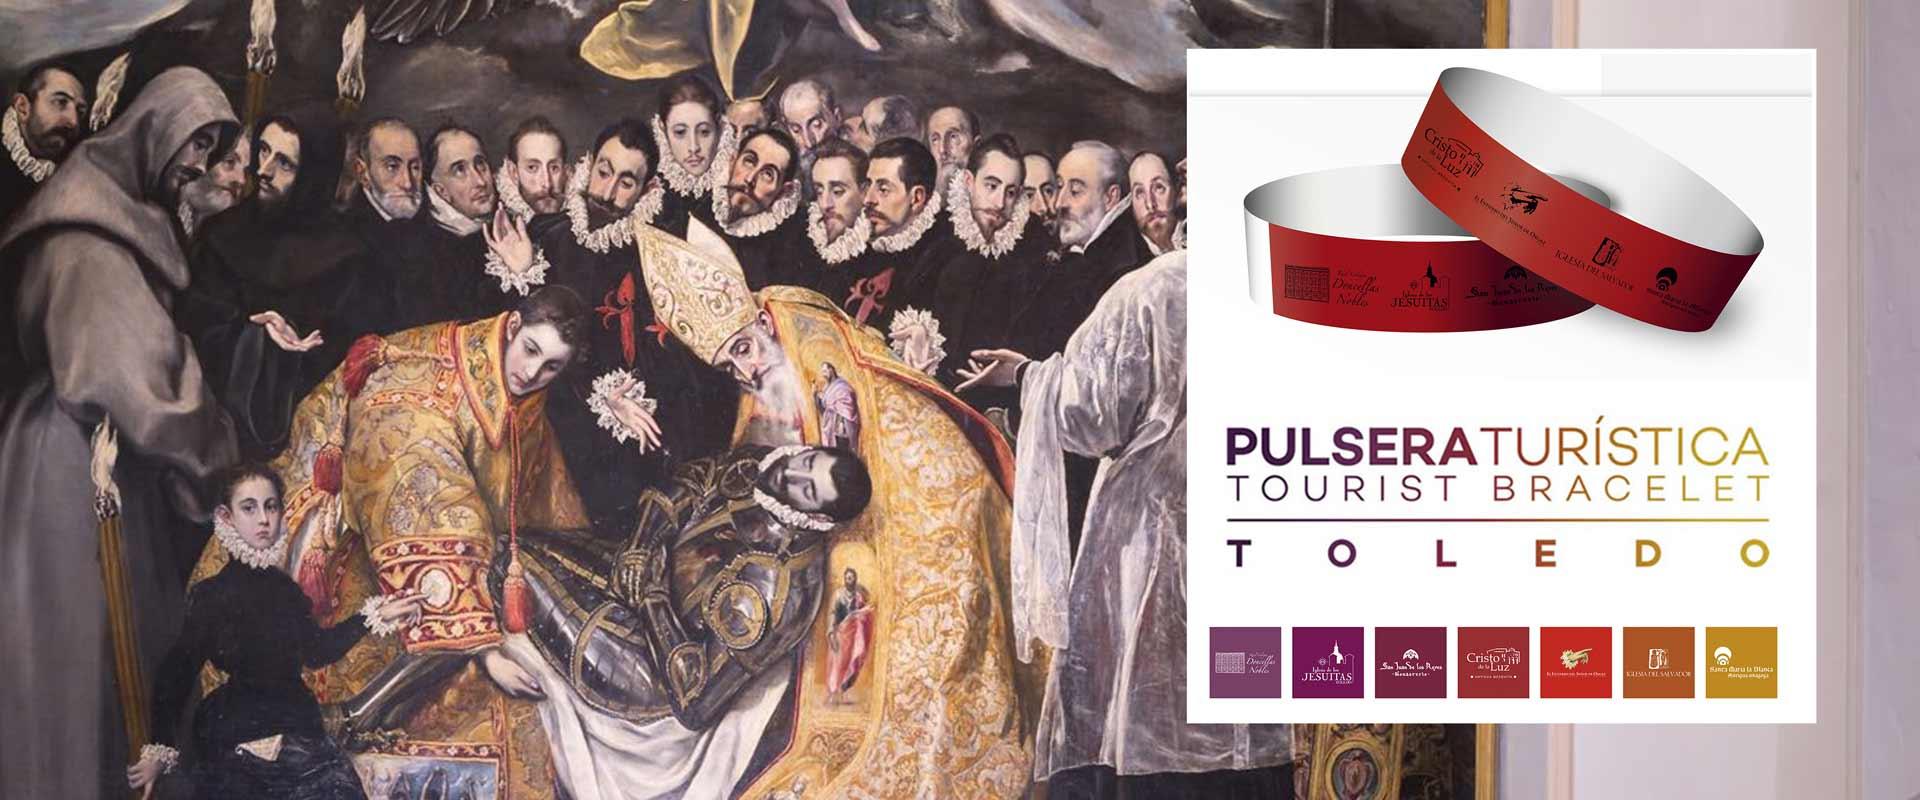 La pulsera turística de Toledo